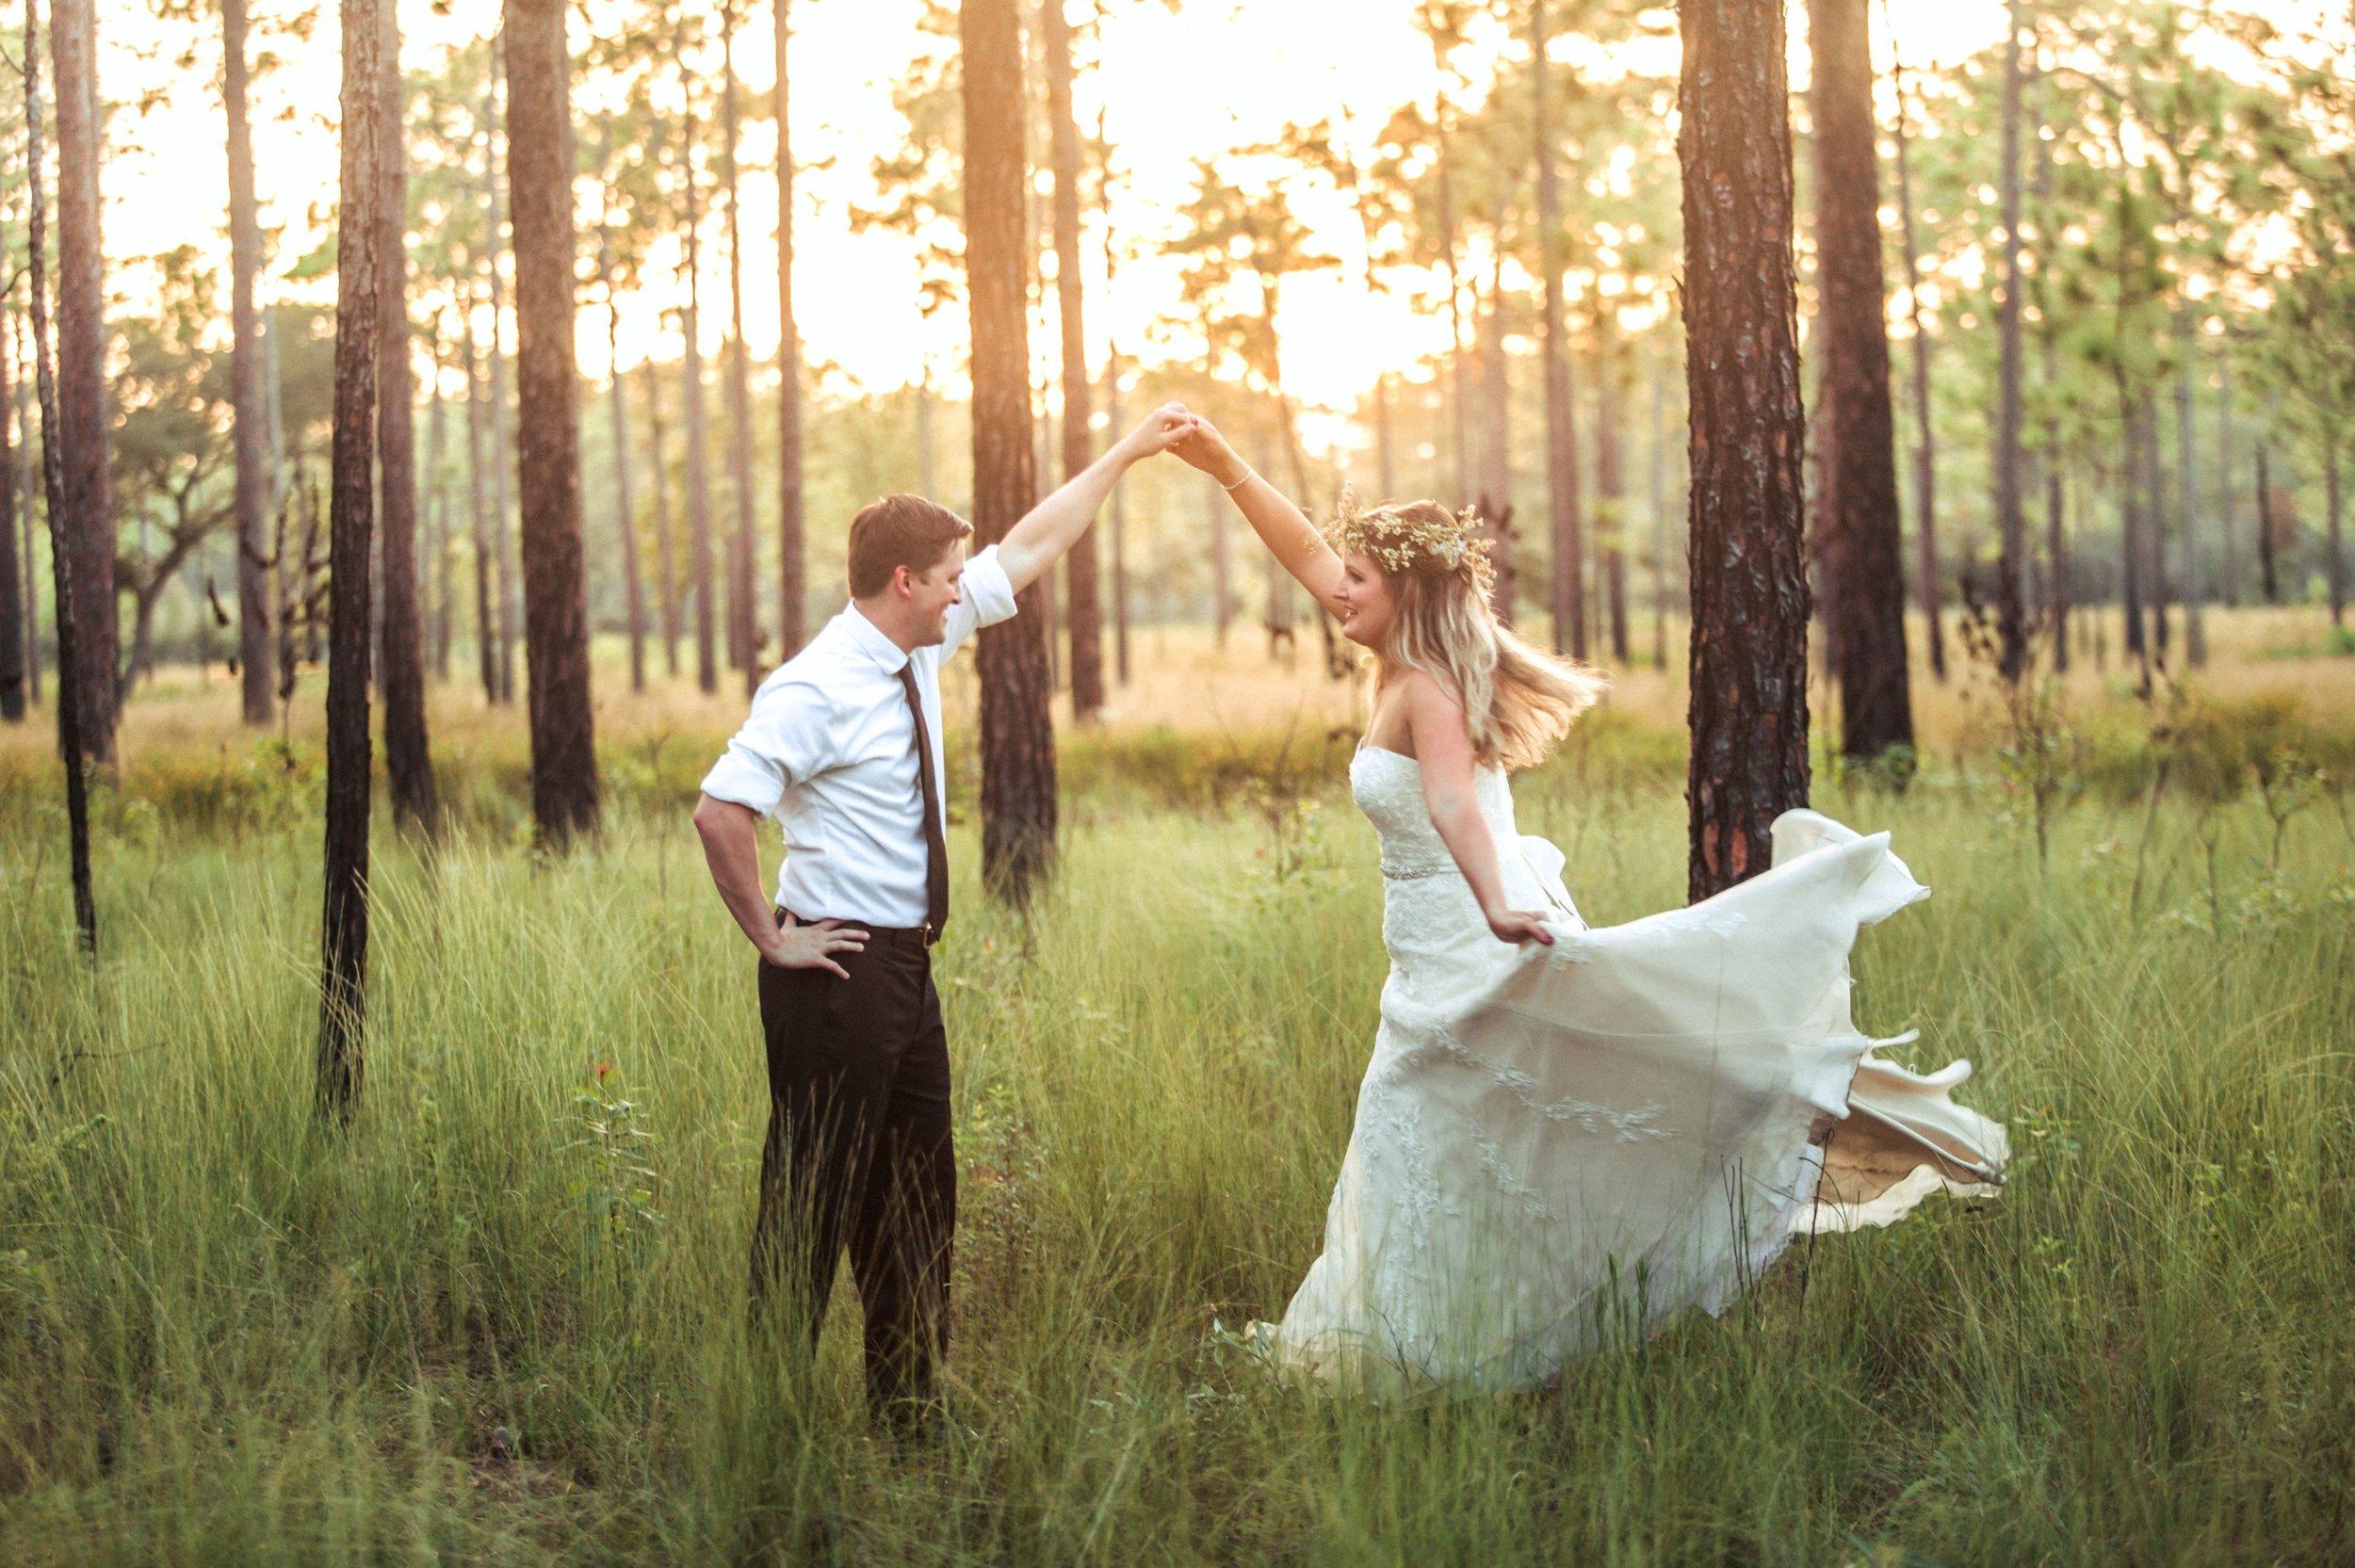 Wekiva Springs Wedding Photoshoot natural bride groom Heck Yeah Presets 56.jpg